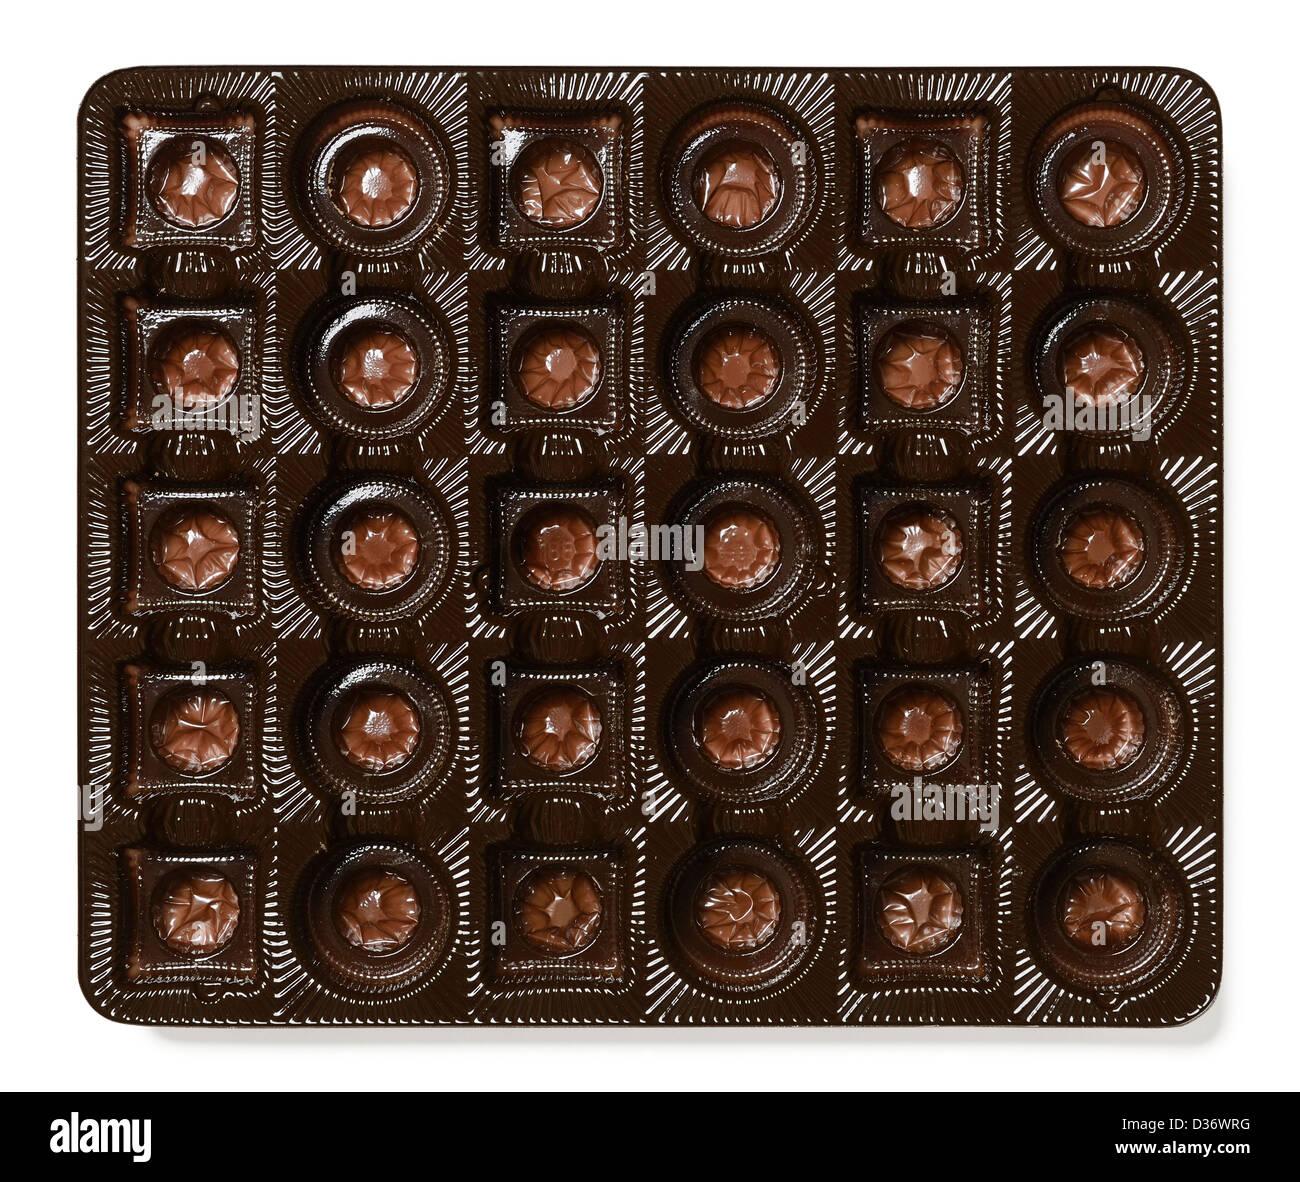 Kunststoff-Tablett aus einer Schachtel Pralinen Stockbild